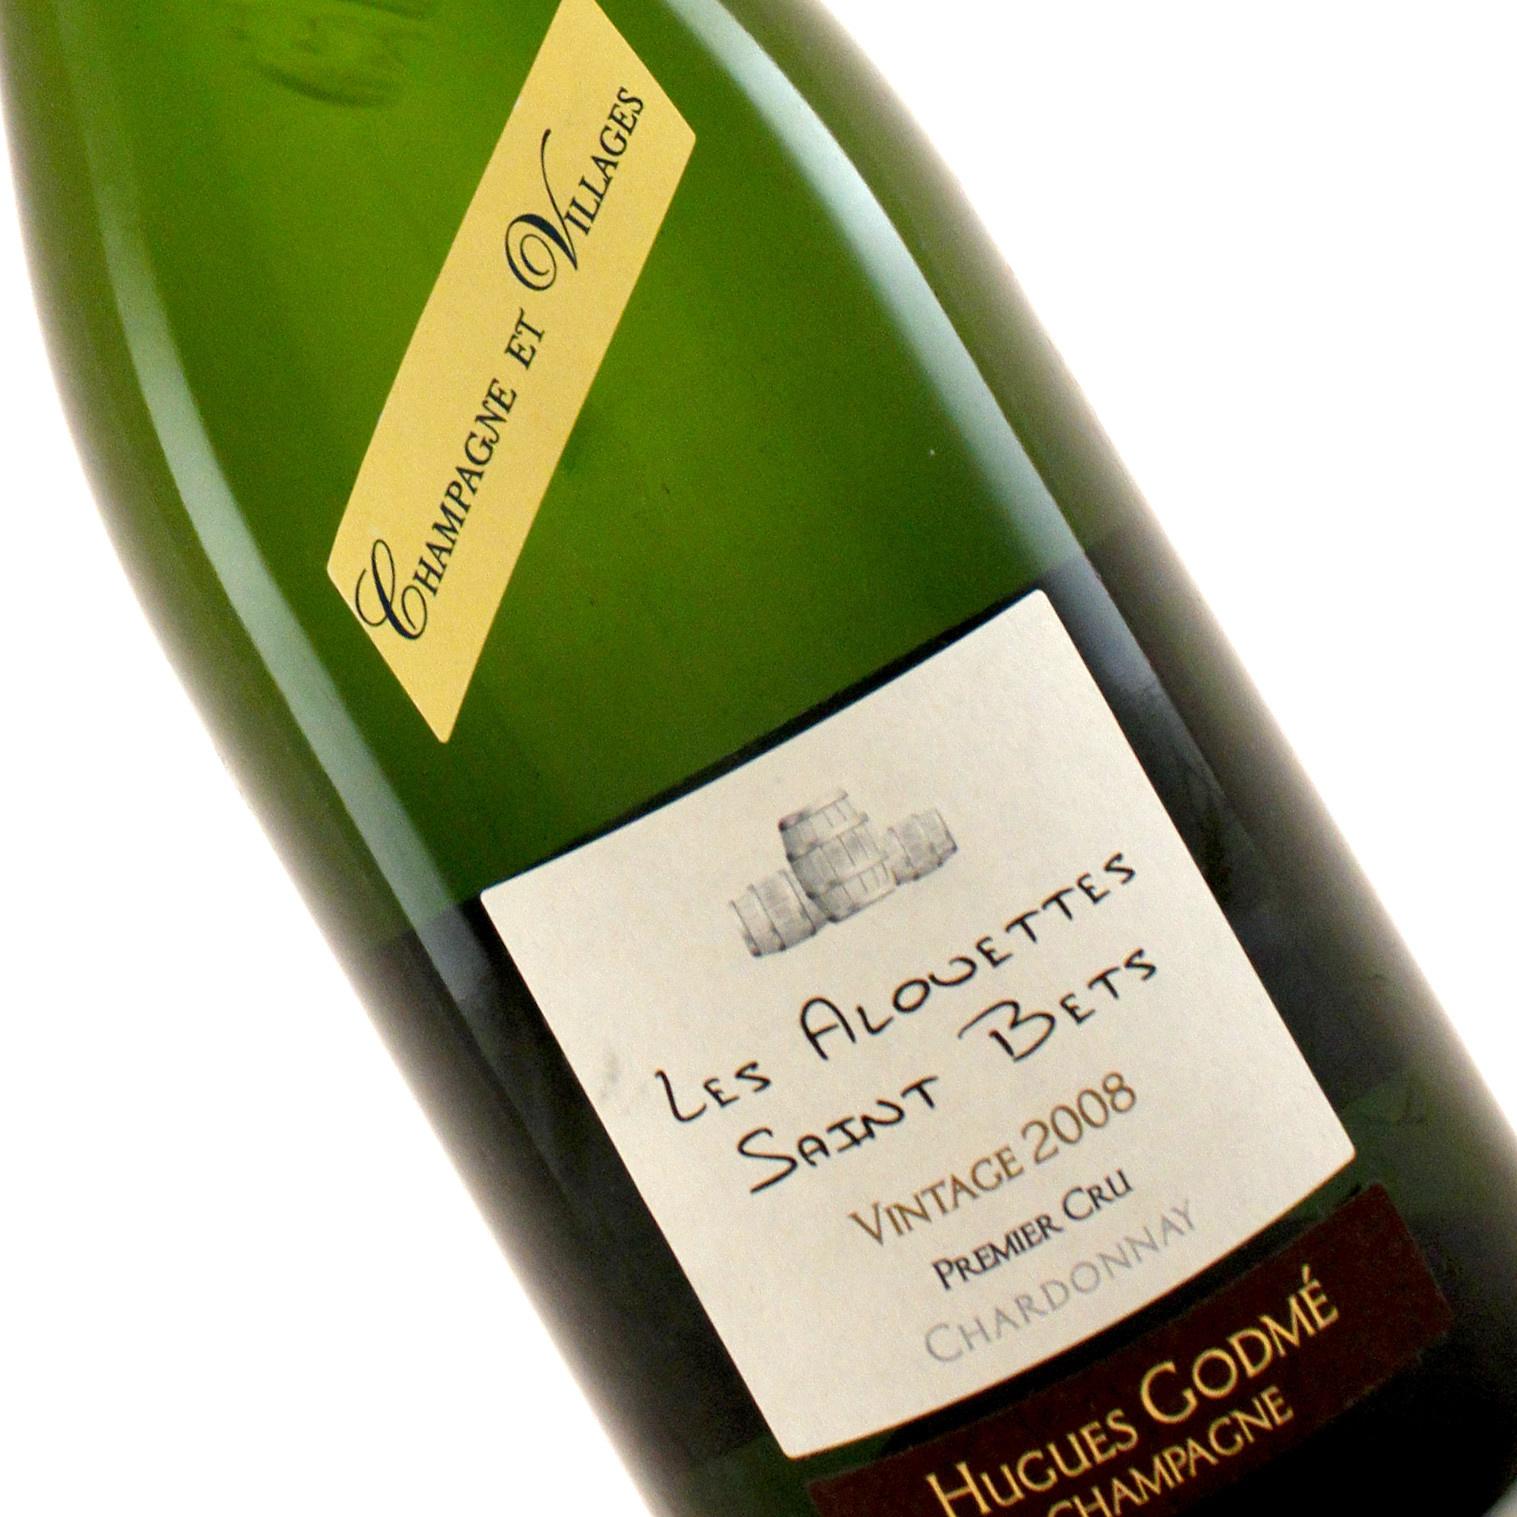 Hugues Godme 2008 Les Alouettes Saint Bets Brut Premier Cru , Champagne